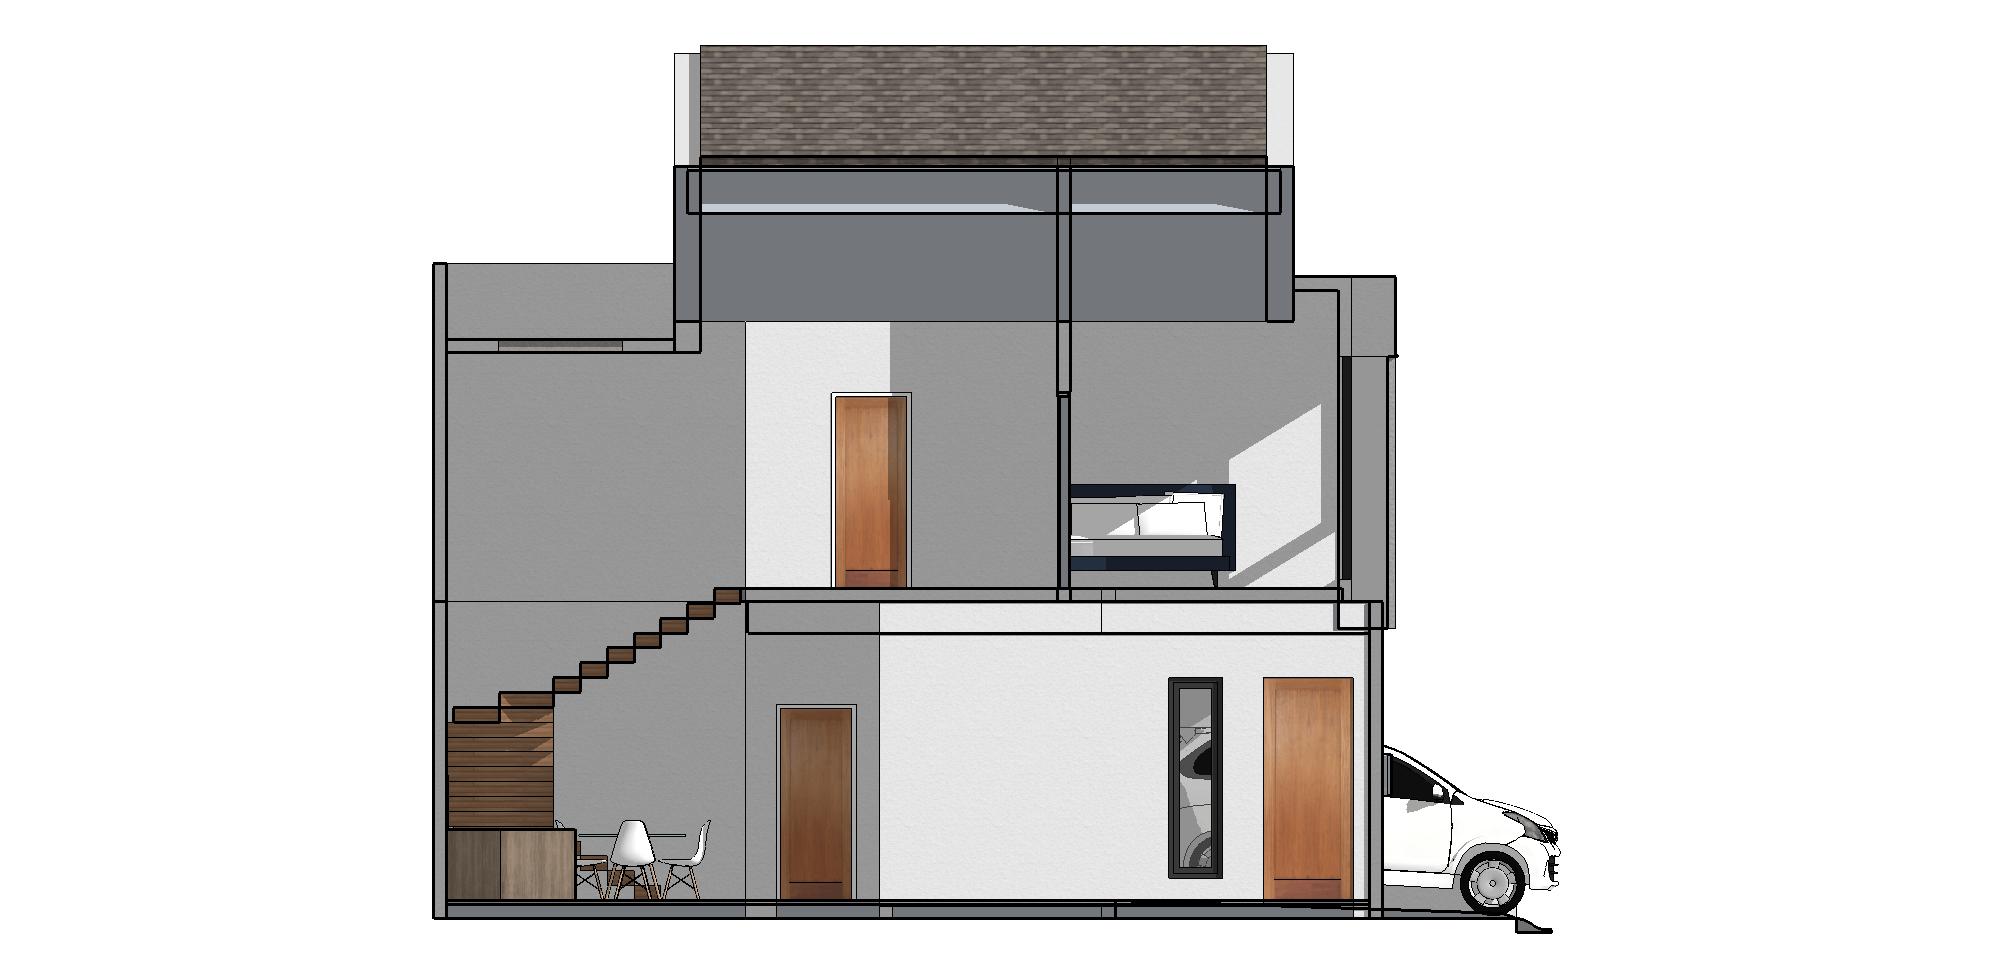 Zigzag Architecture Studio C House - Karawaci Karawaci, Kota Tangerang, Banten, Indonesia Karawaci, Kota Tangerang, Banten, Indonesia Zigzag-Architecture-Studio-C-House-Karawaci   59734